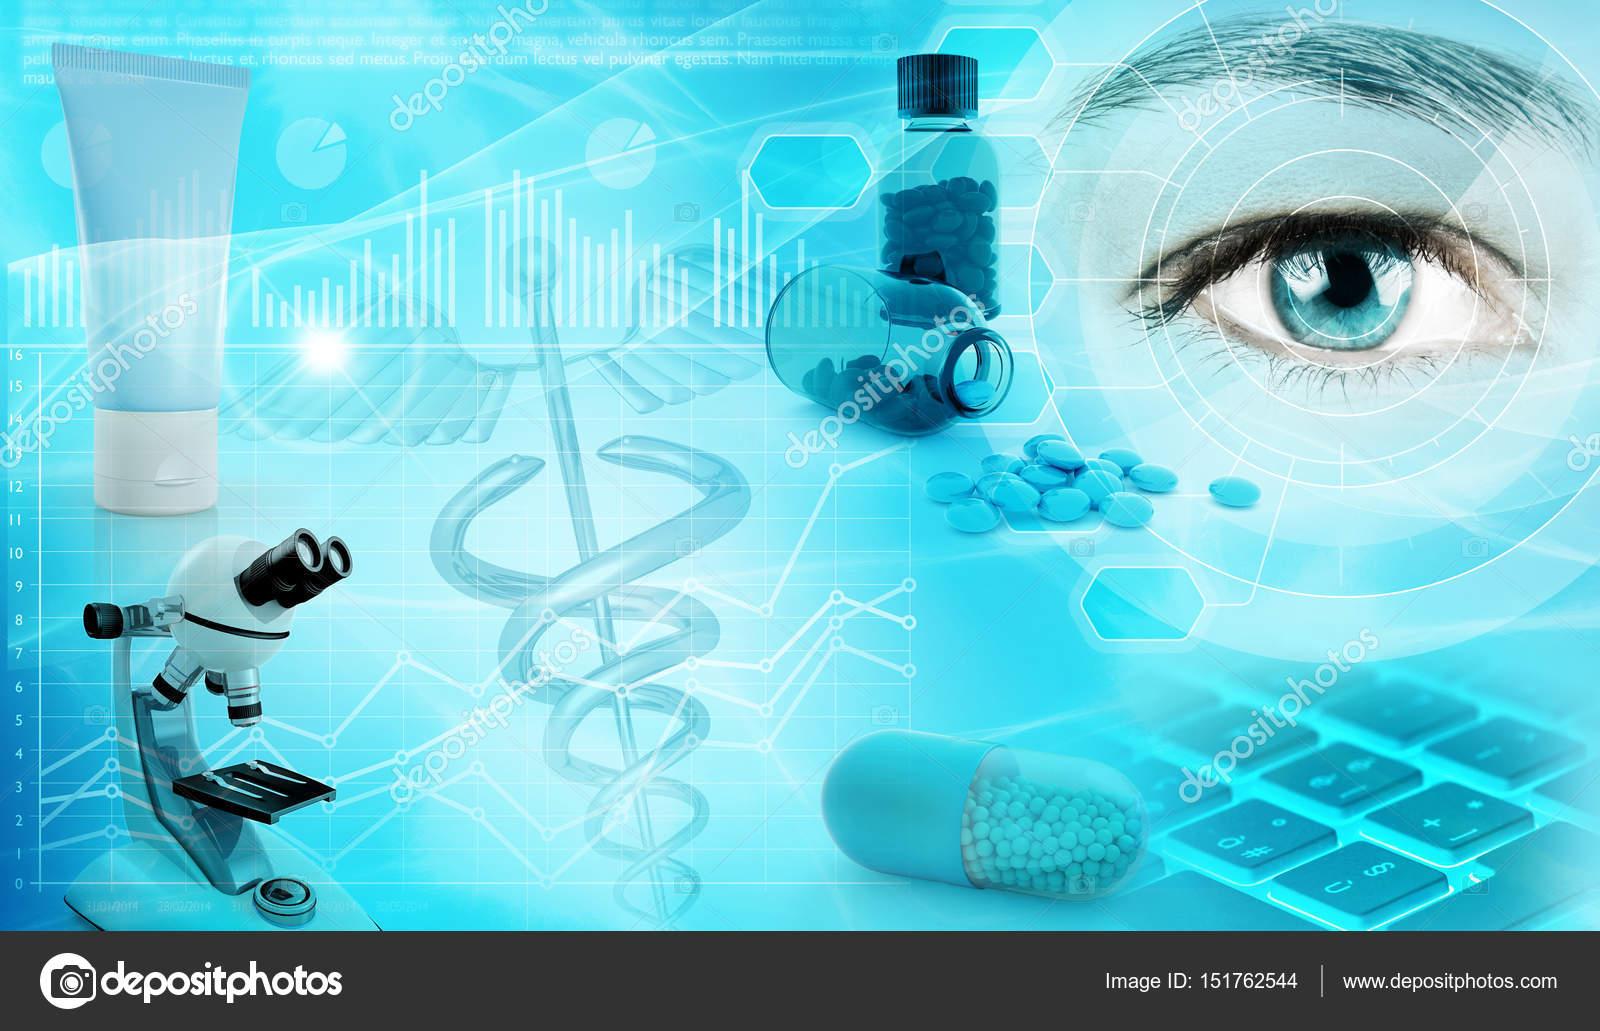 Фармацевтична промисловість абстрактне поняття фон 3d